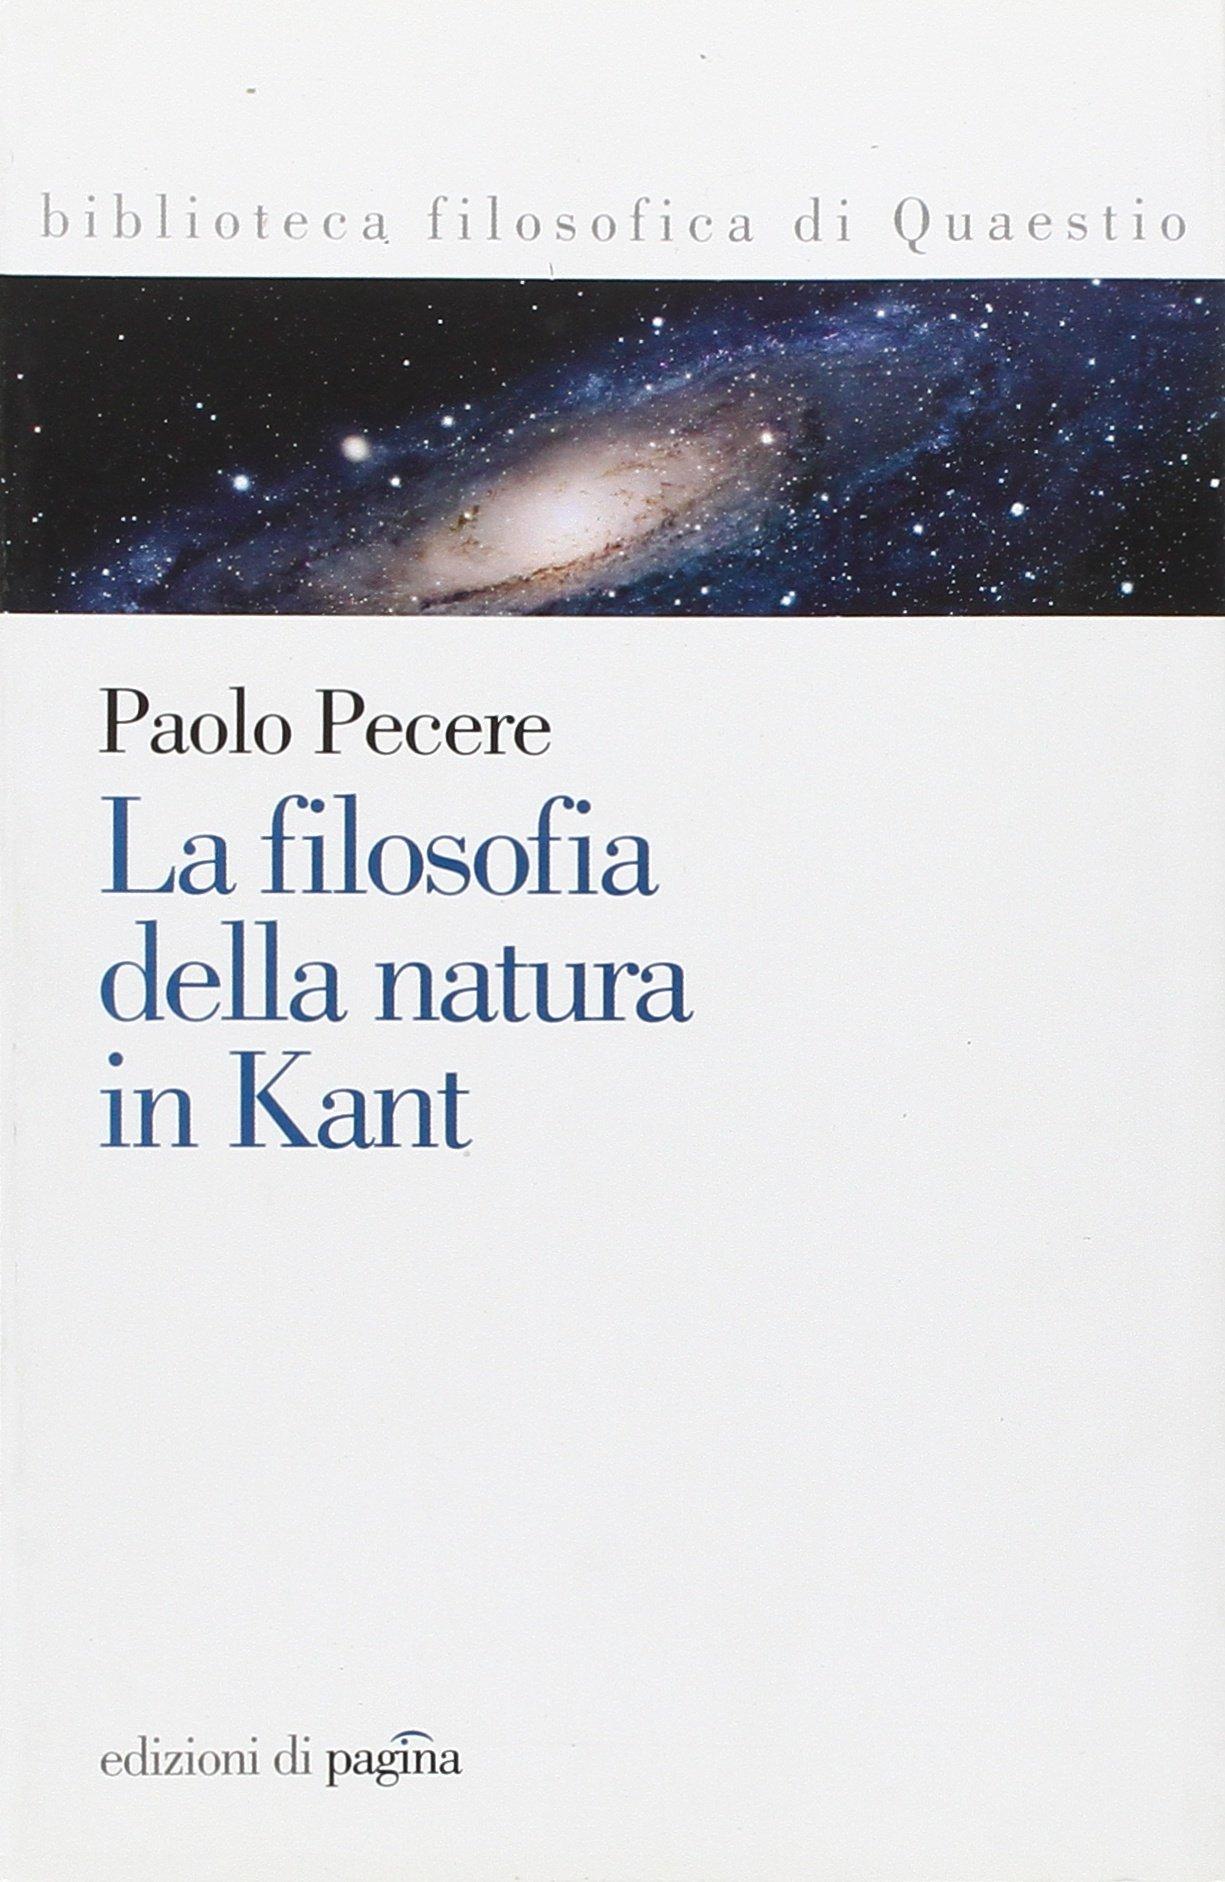 La filosofia della natura in Kant: Paolo. Pecere: 9788874700967: Amazon.com: Books